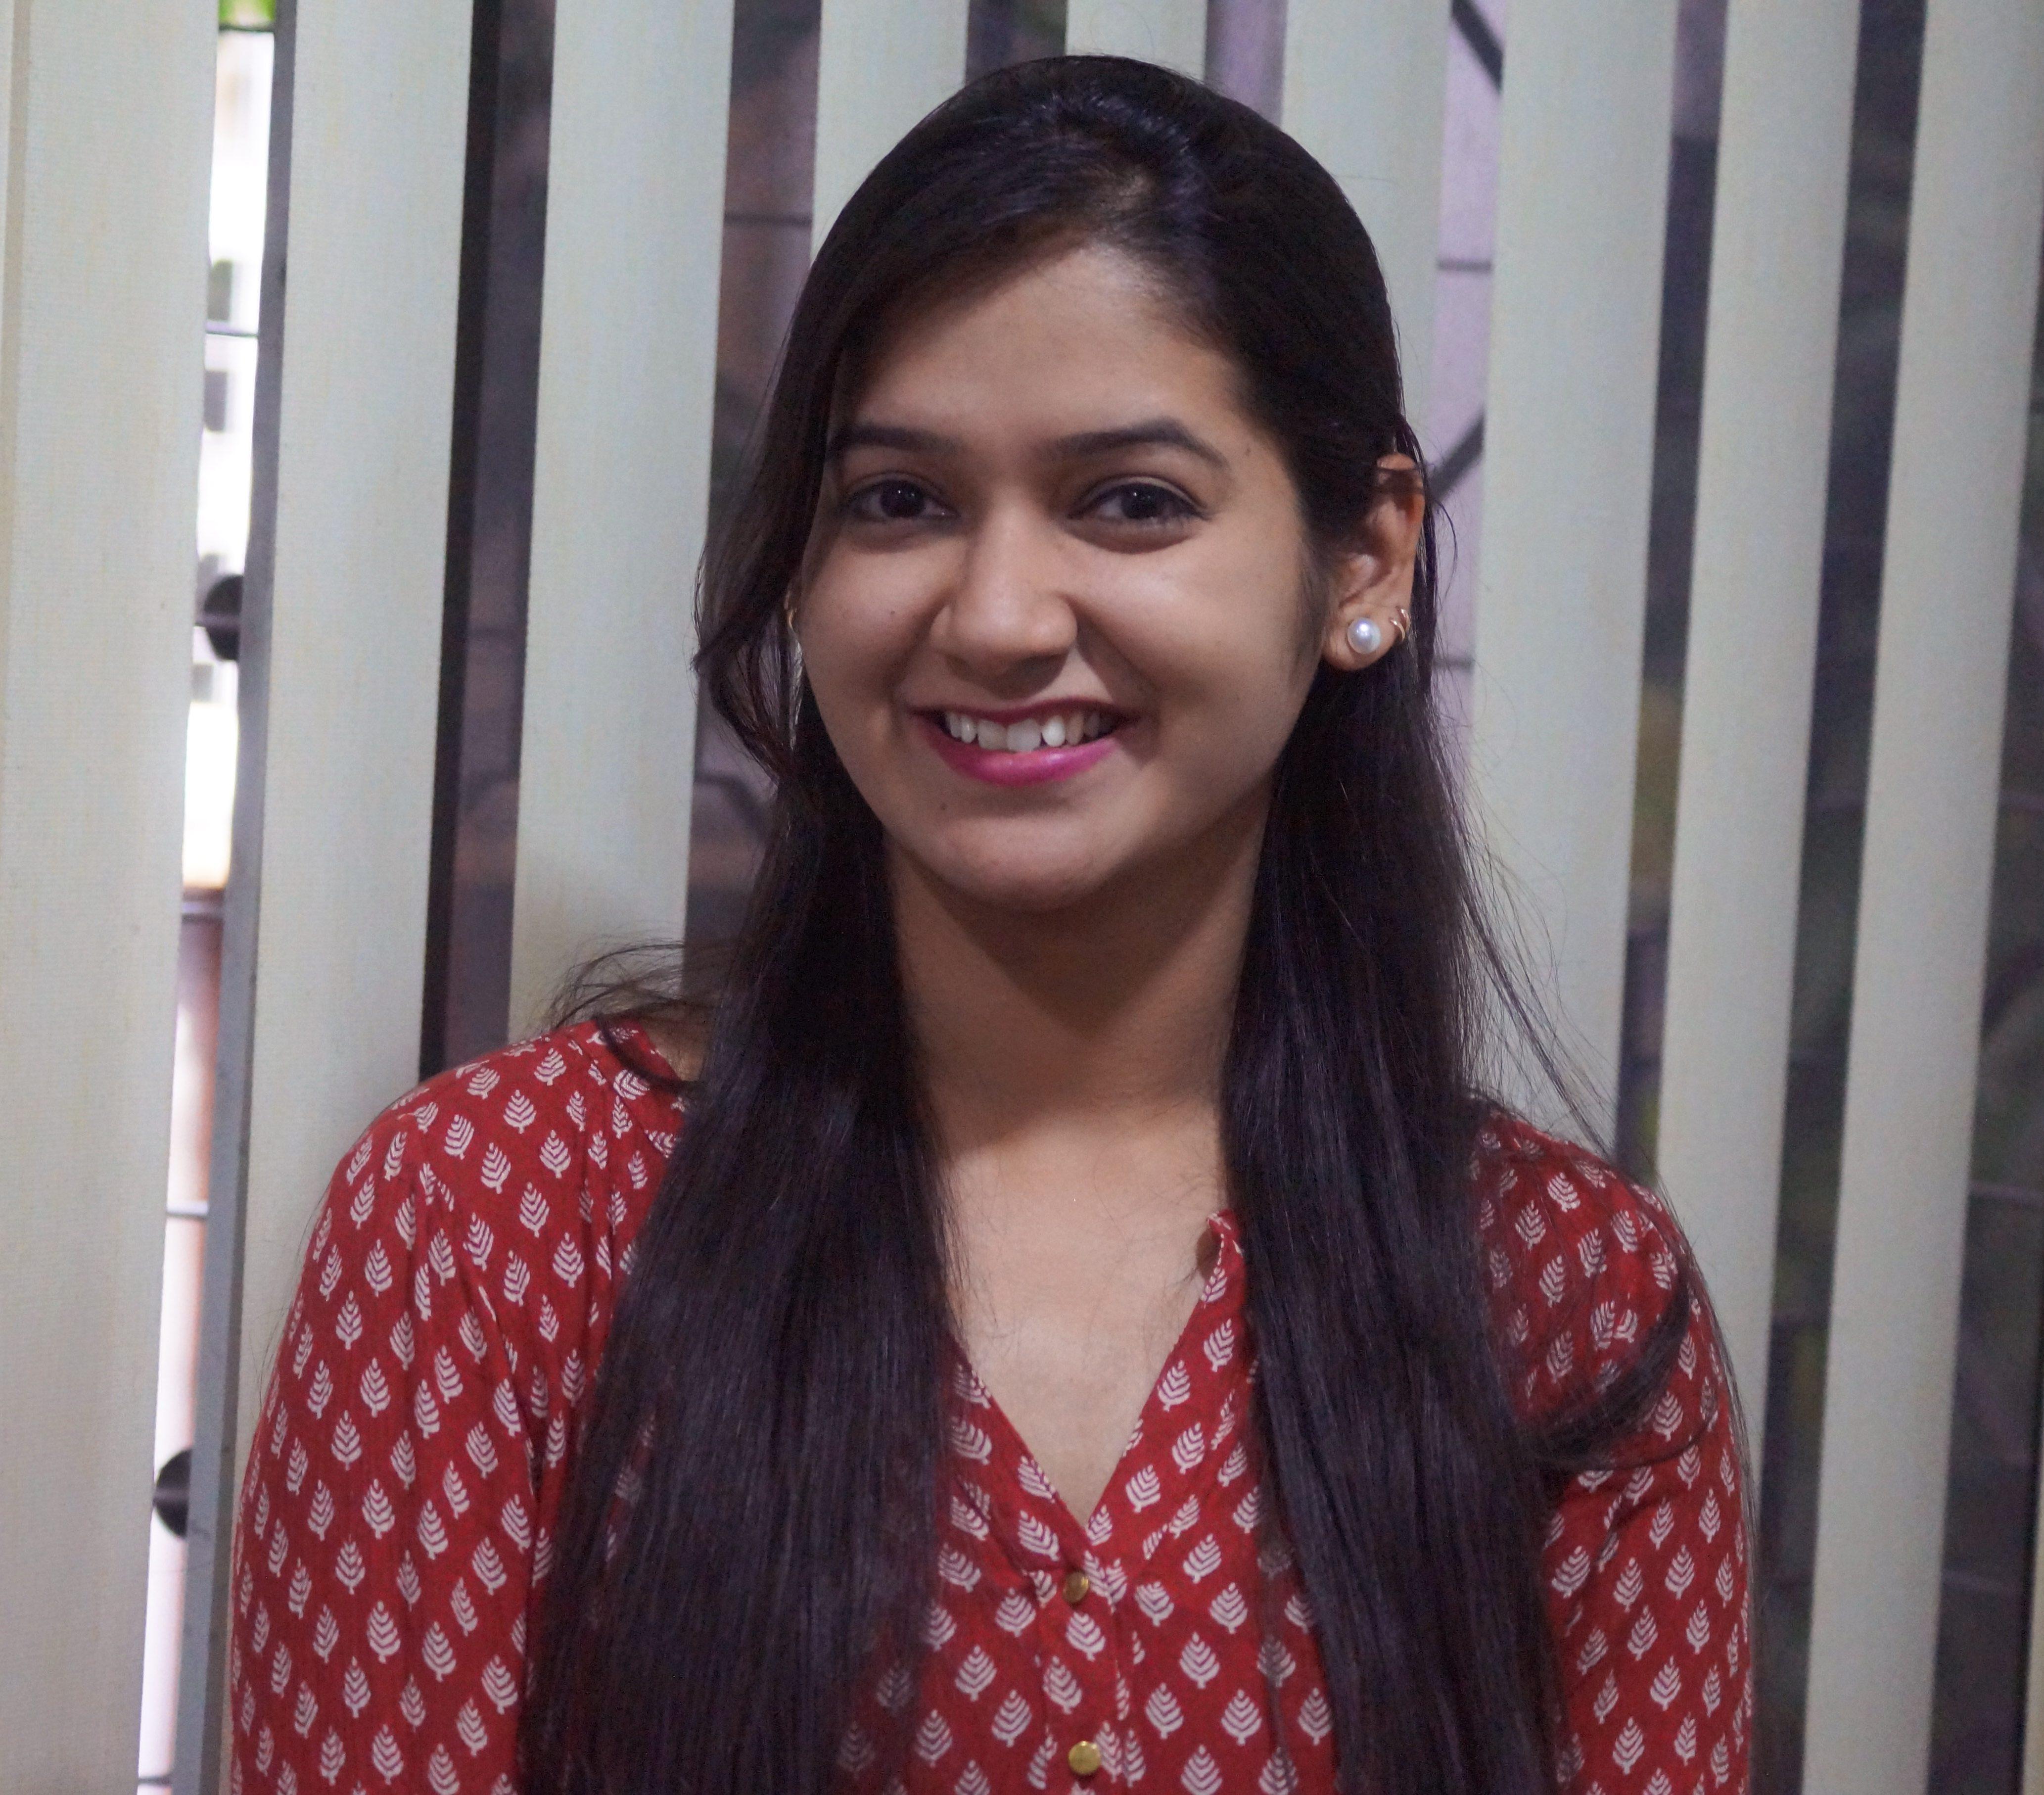 Ms. Payal Chauhan